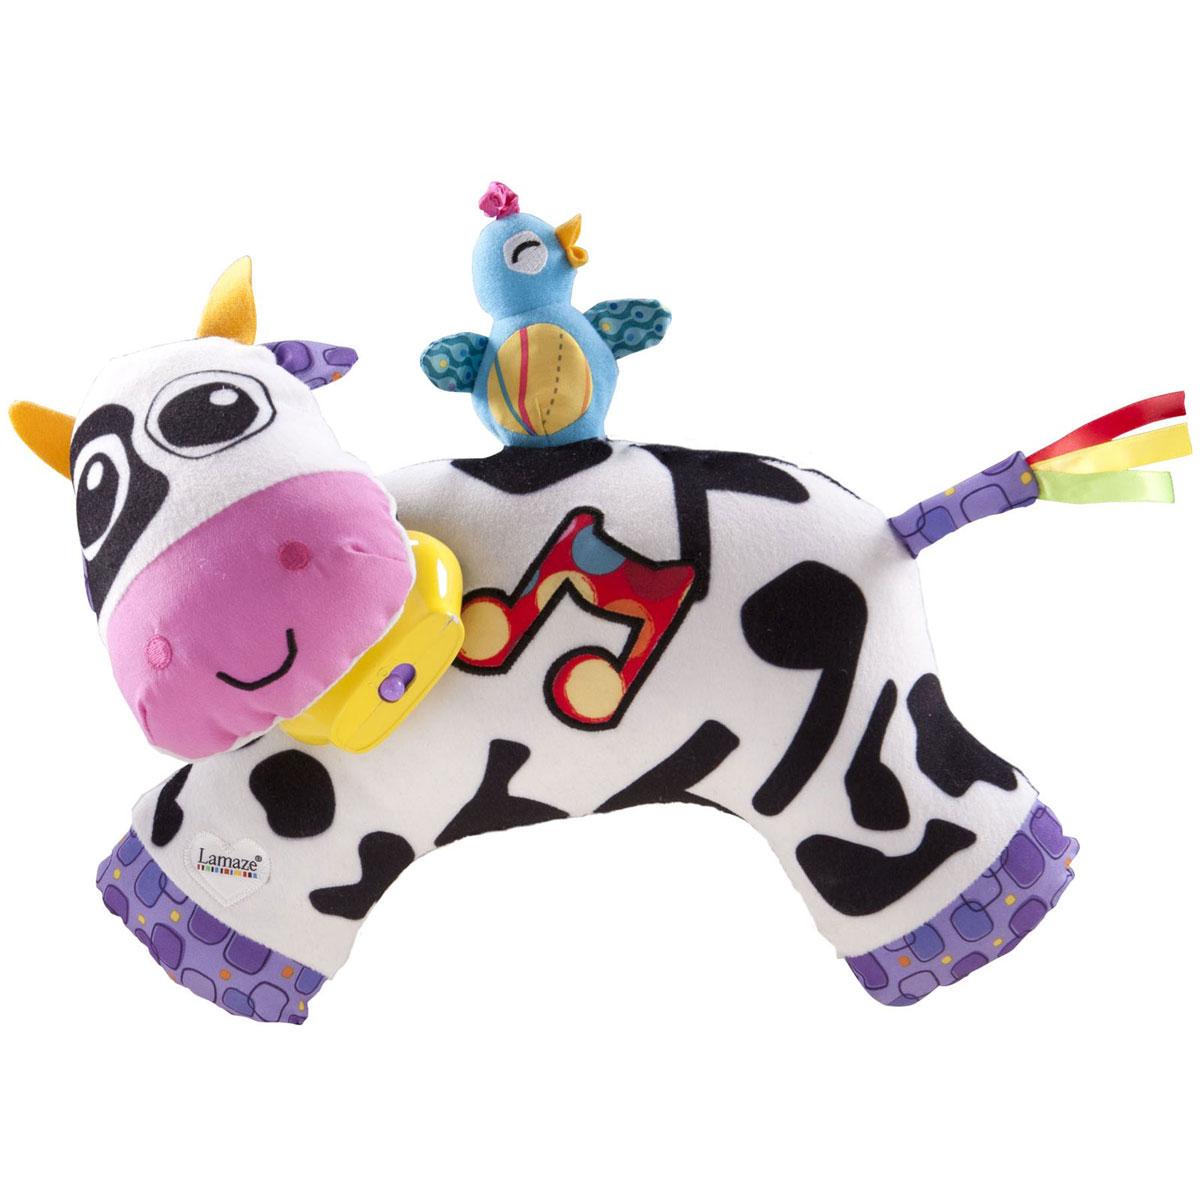 Lamaze Развивающая игрушка Музыкальная коровкаLC27560RUУдивительная развивающая игрушка Lamaze Музыкальная коровка изготовлена из абсолютно безвредных материалов. Необычный насыщенный колорит и сочетание контрастных цветов сразу же привлекут внимание крохи. Представлена игрушка в виде доброй и обаятельной коровы. На шее у животного колокольчик. Эта музыкальная игрушка имеет три режима игры: мычание, звук колокольчиков или мелодии сегментов. Каждое пятно играет свою отдельную музыкальную ноту и дарит море удовольствия ребенку. Игрушка способствует развитию первичных навыков (внимательности, наблюдательности, мелкой моторики), повышению коэффициента эмоциональности (вызывает улыбку и смех) и познания в целом. Эта милая игрушка надолго увлечет вашего малыша, и поможет ему весело и с пользой провести время. Для работы игрушки рекомендуется докупить 2 батарейки напряжением 1,5V типа ААА (товар комплектуется демонстрационными).